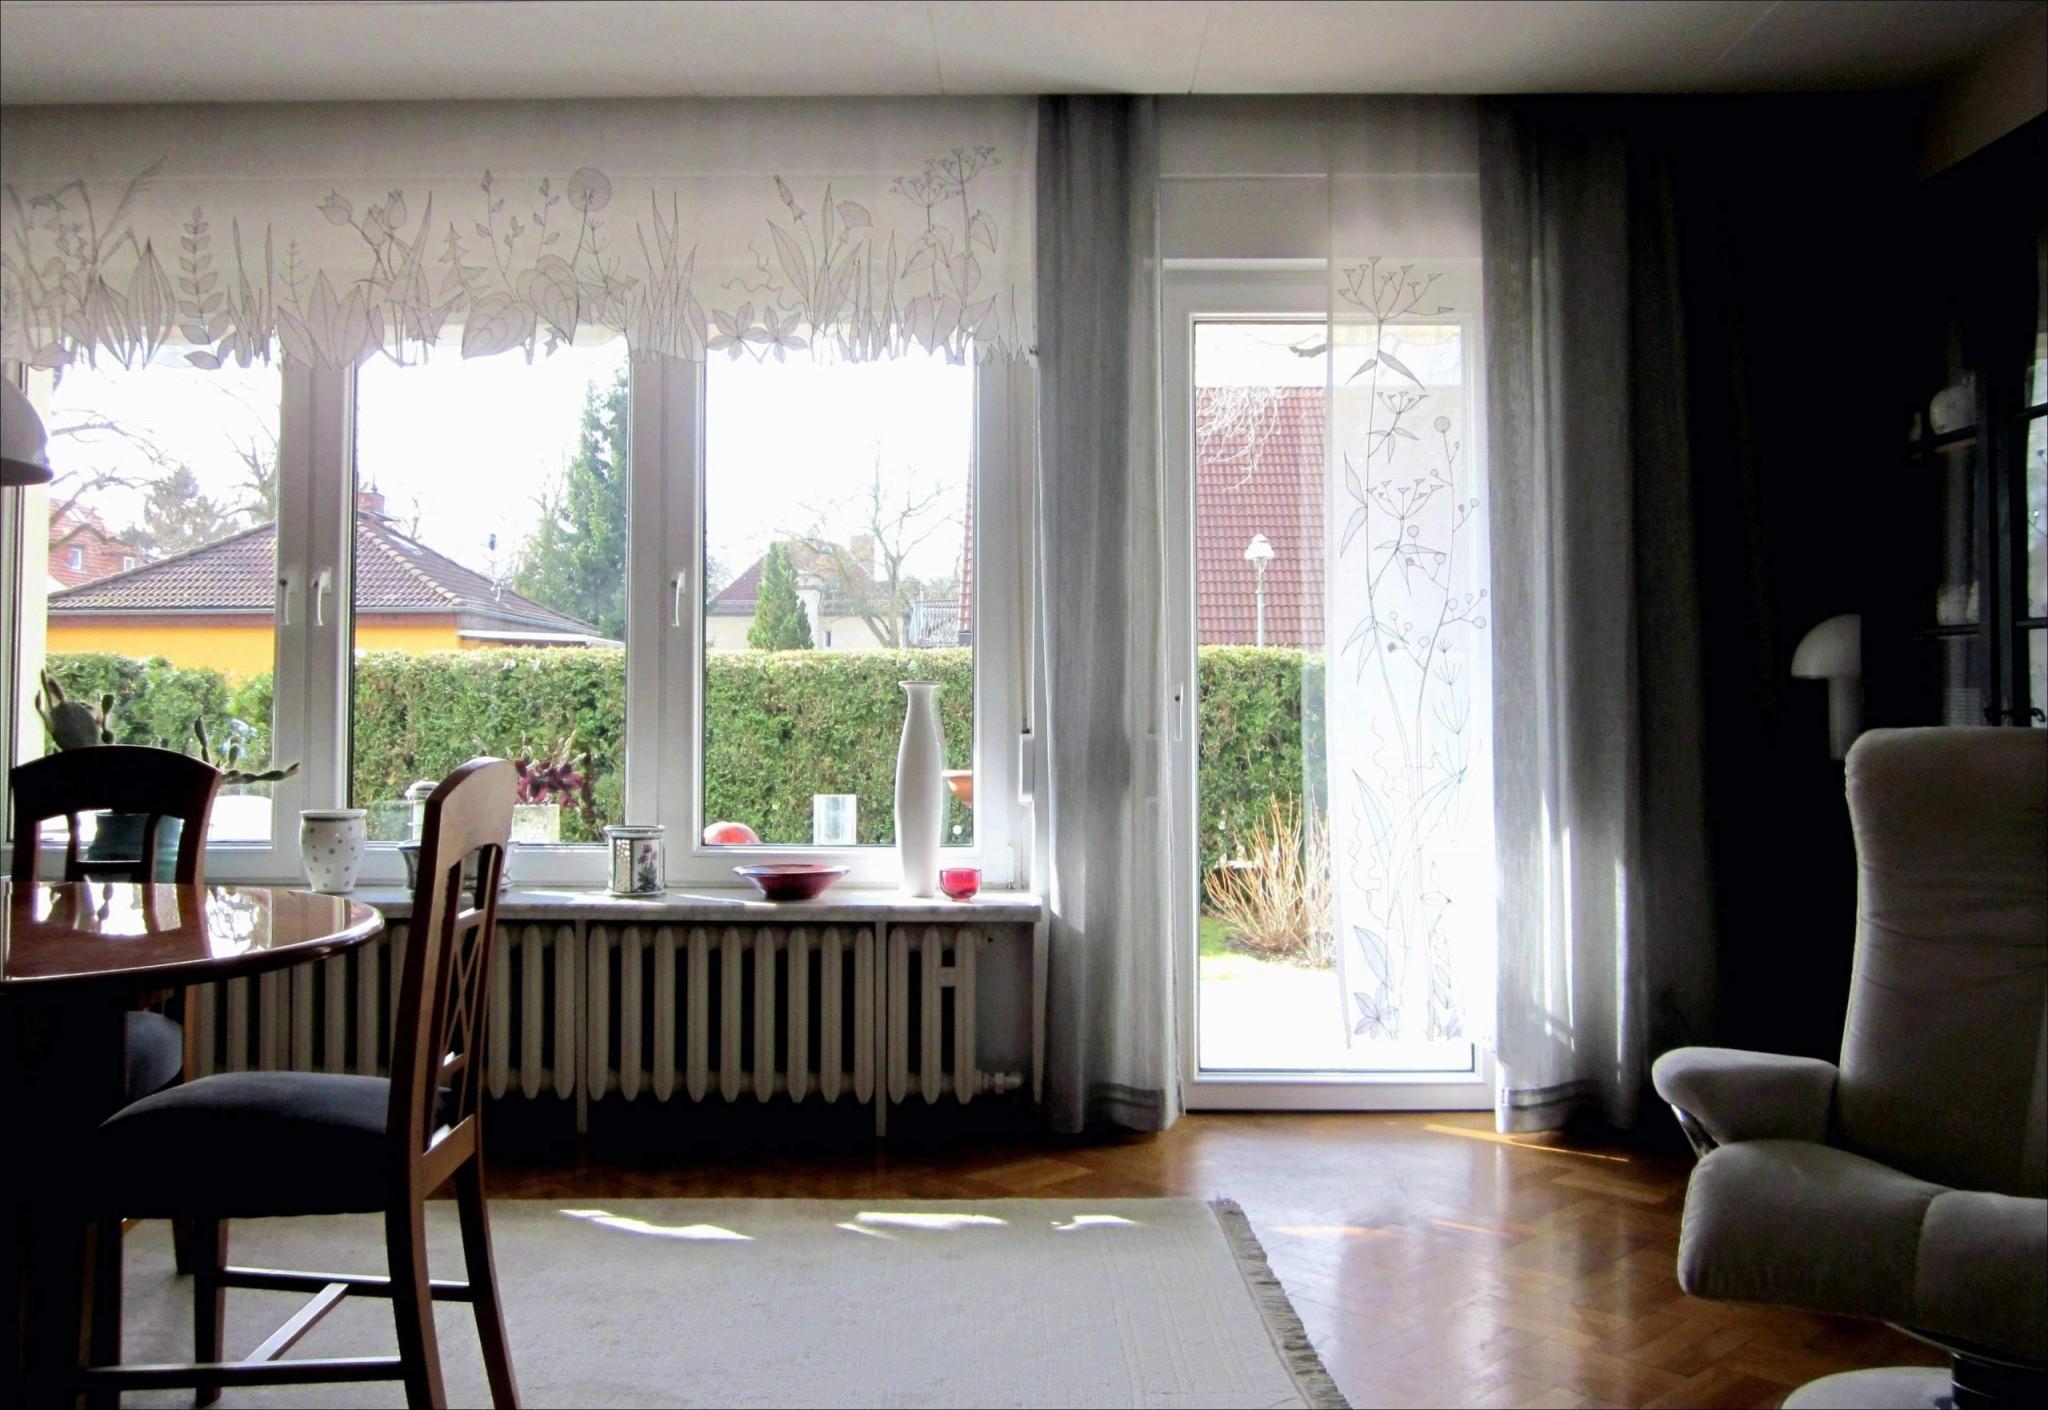 Fenster Gardinen Wohnzimmer Das Beste Von 59 Elegant Fenster von Gardinen Für Große Fenster Wohnzimmer Photo